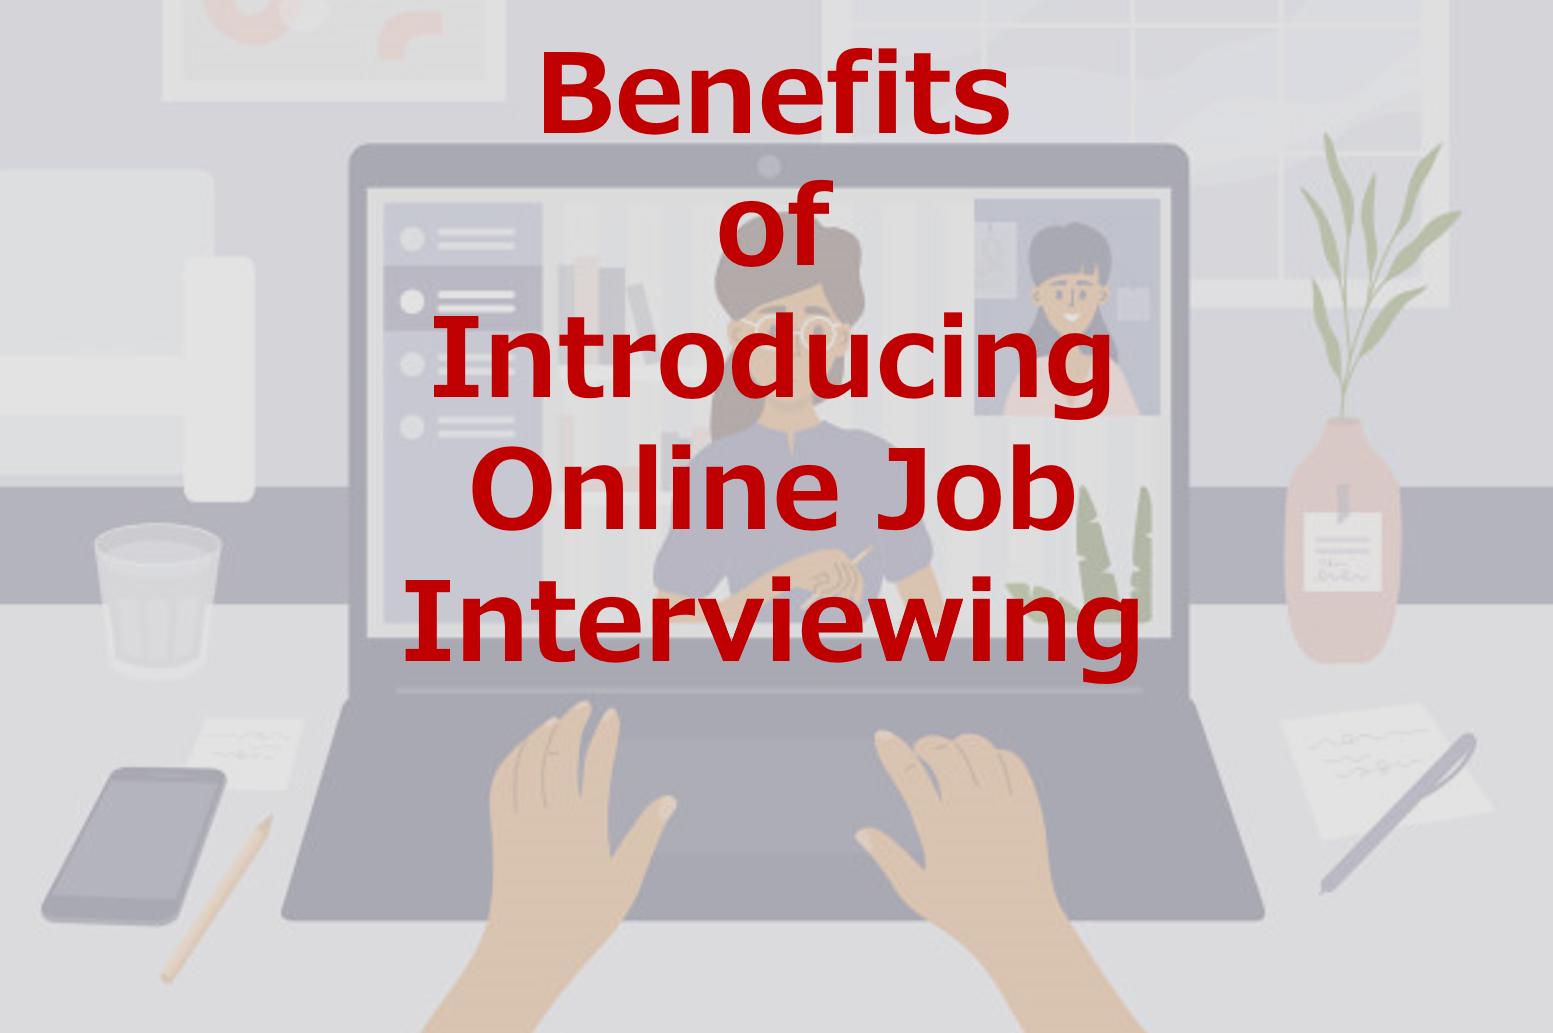 Benefits of introducing online job interview